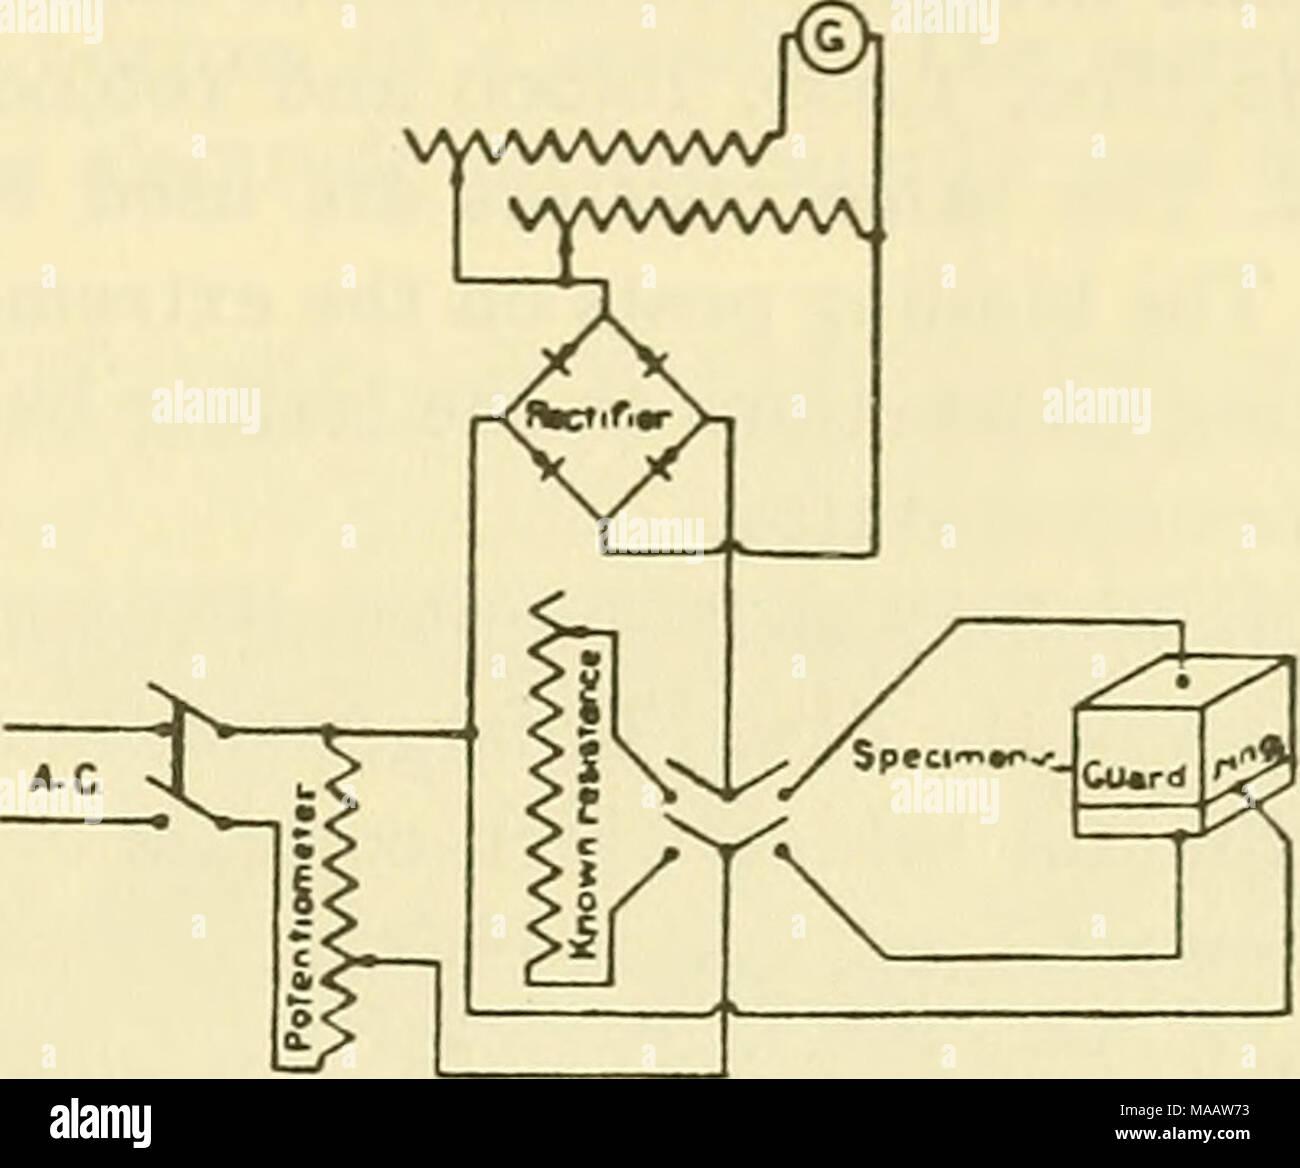 Fein Licht Variabler Widerstand Fotos - Elektrische Schaltplan-Ideen ...